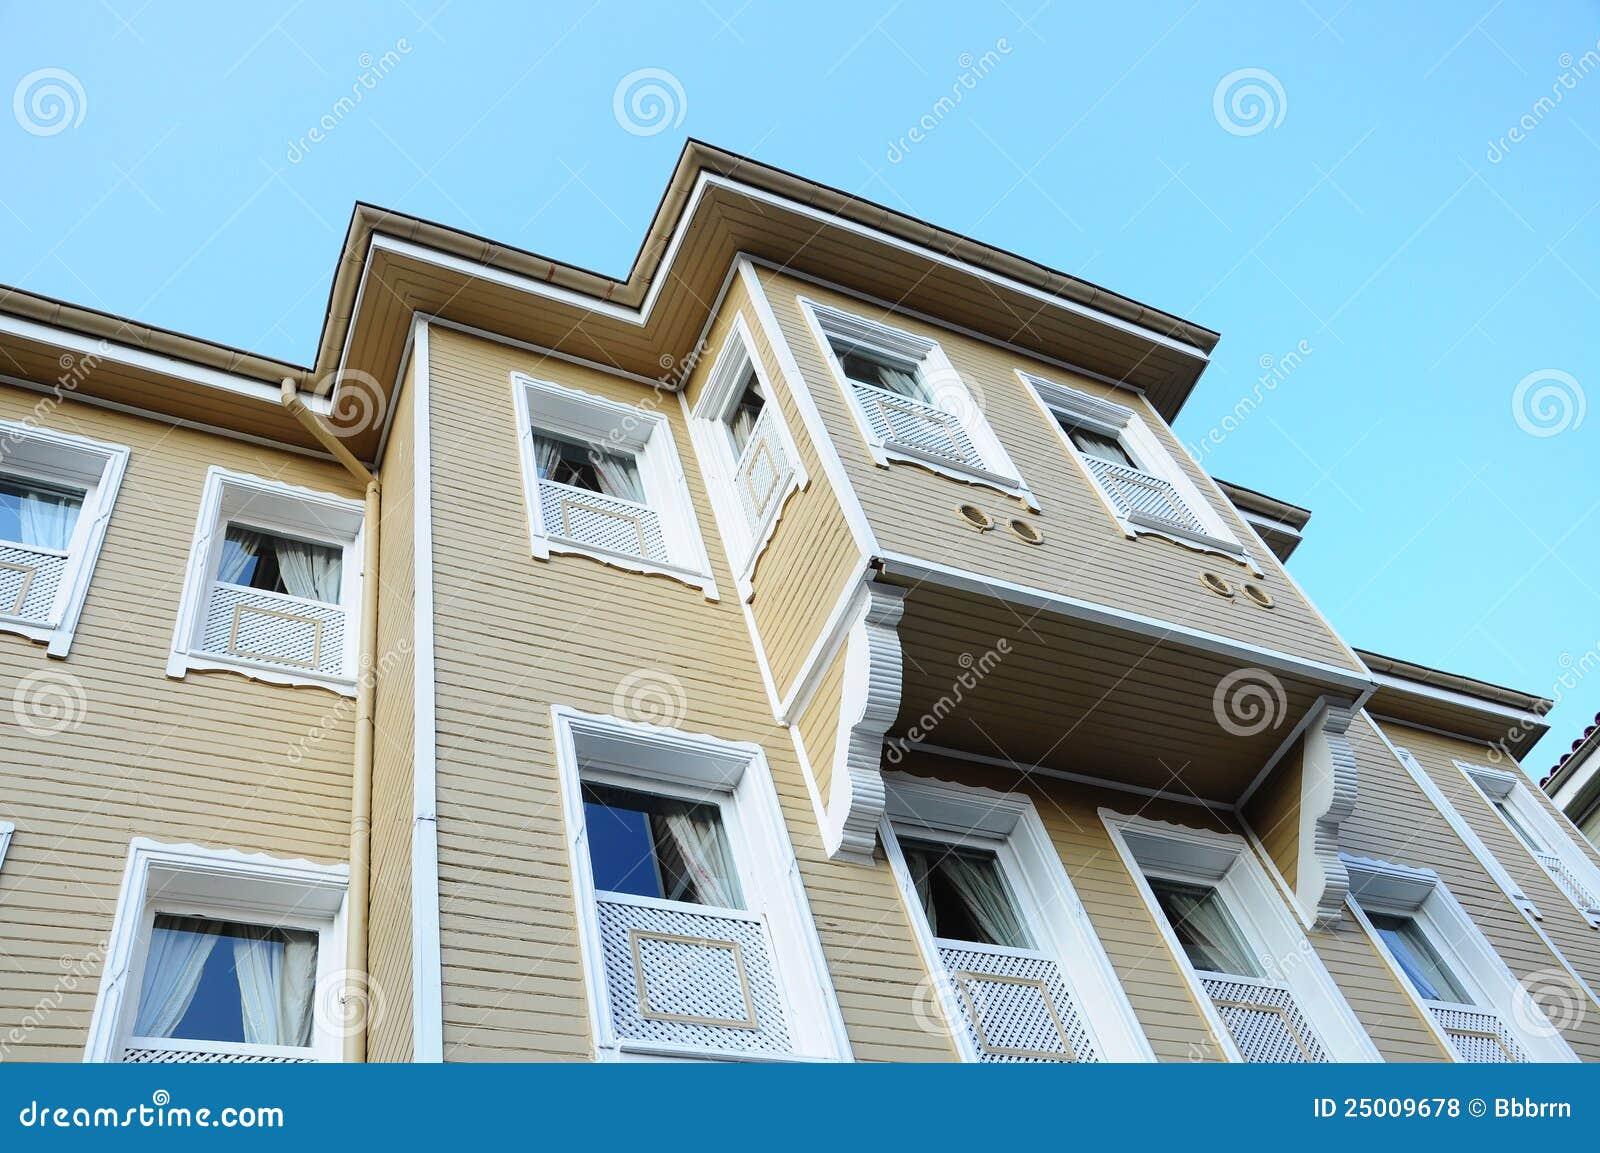 fen tre en saillie d 39 une maison en bois photos libres de droits image 25009678. Black Bedroom Furniture Sets. Home Design Ideas